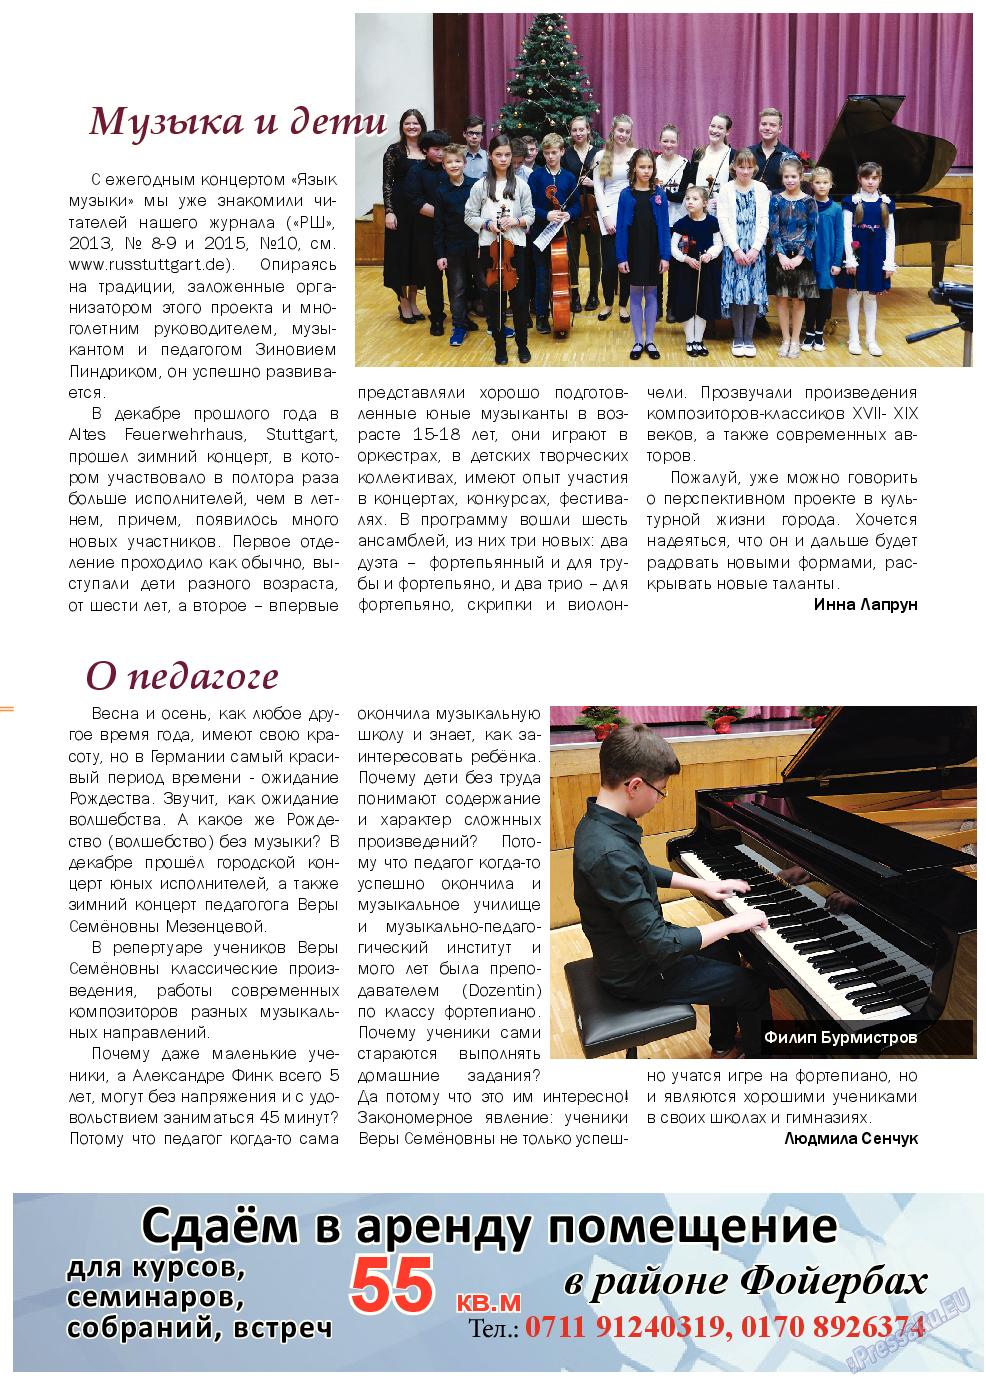 Русский Штутгарт (журнал). 2016 год, номер 58, стр. 7